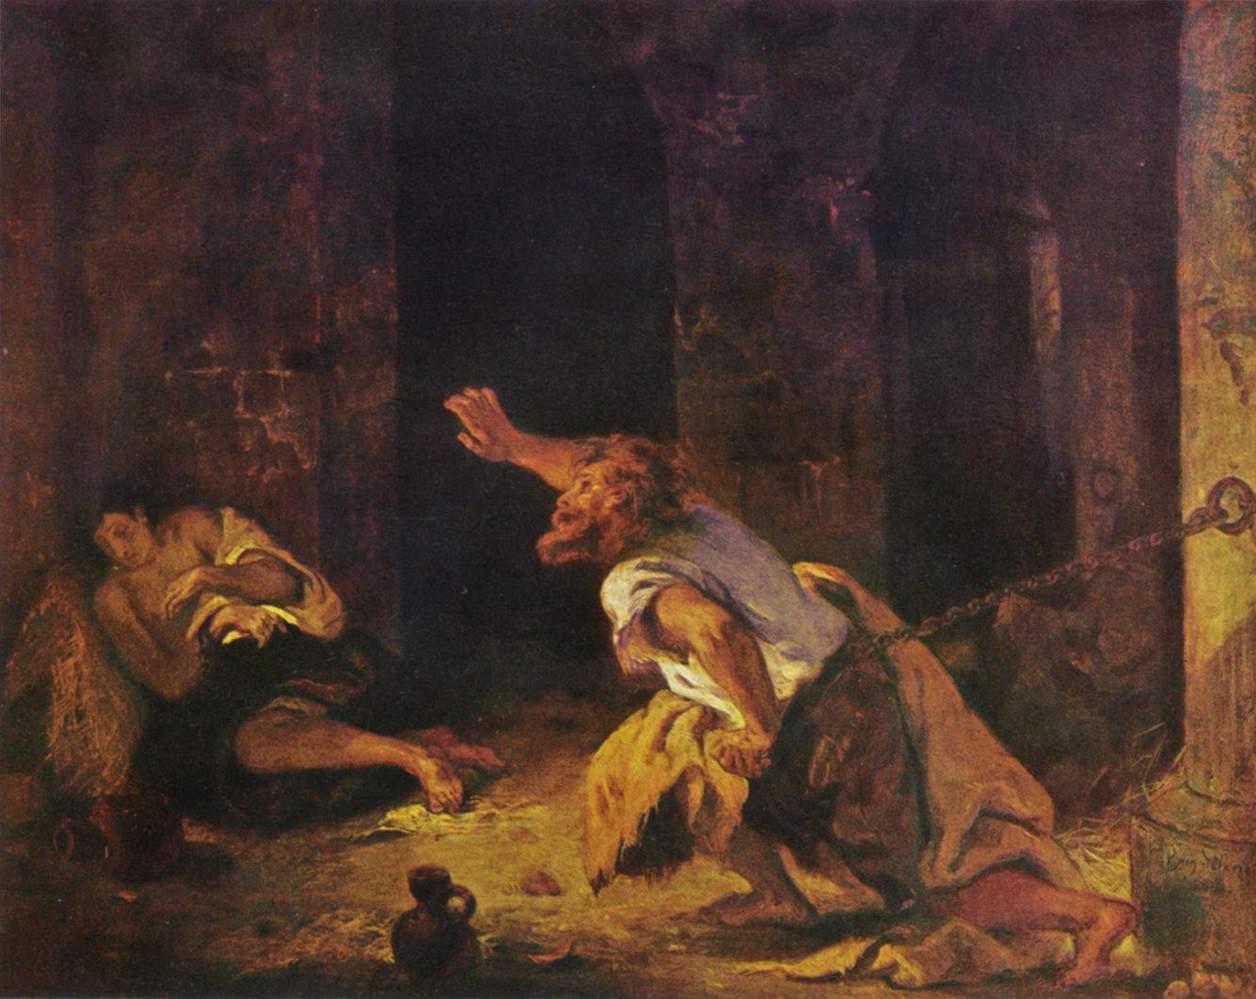 Le Prisonnier de Chillon, illustration d'un poeme de Lord Byron (Eugene Delacroix).jpg